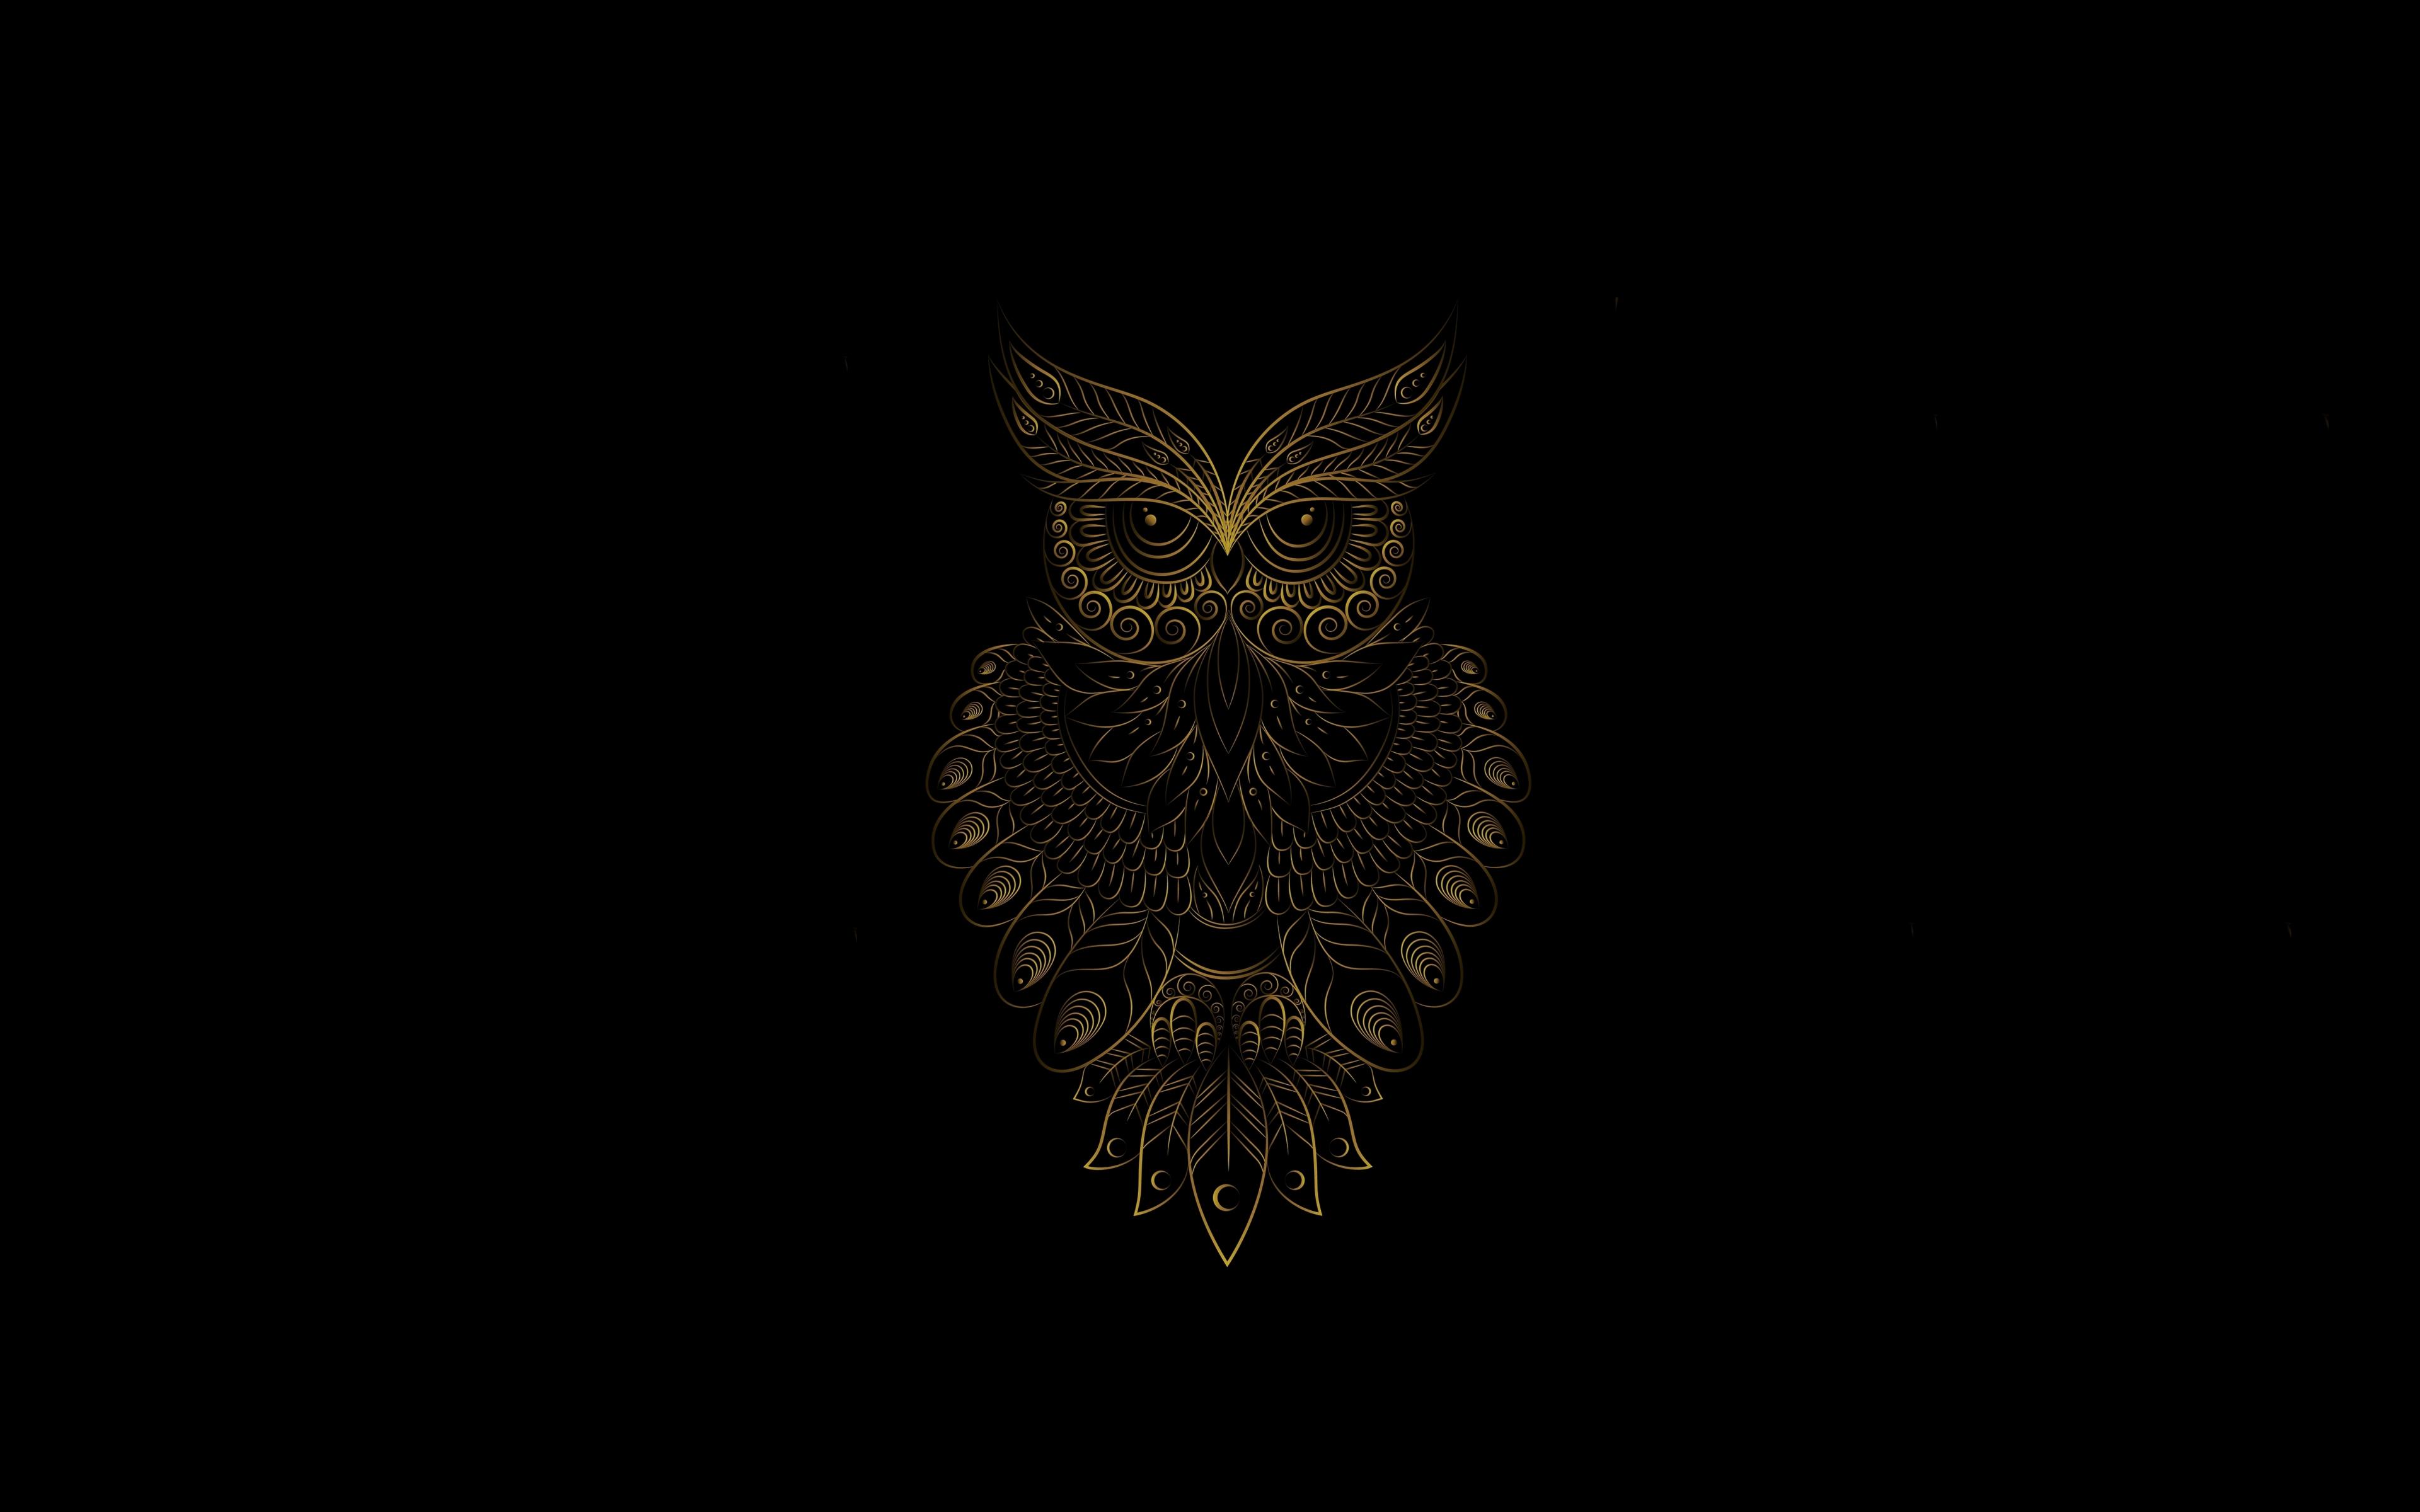 Download 3840x2400 Wallpaper Golden Owl Bird Pattern Art 4k Ultra Hd 16 10 Widescreen 3840x2400 Hd Image Background 24659